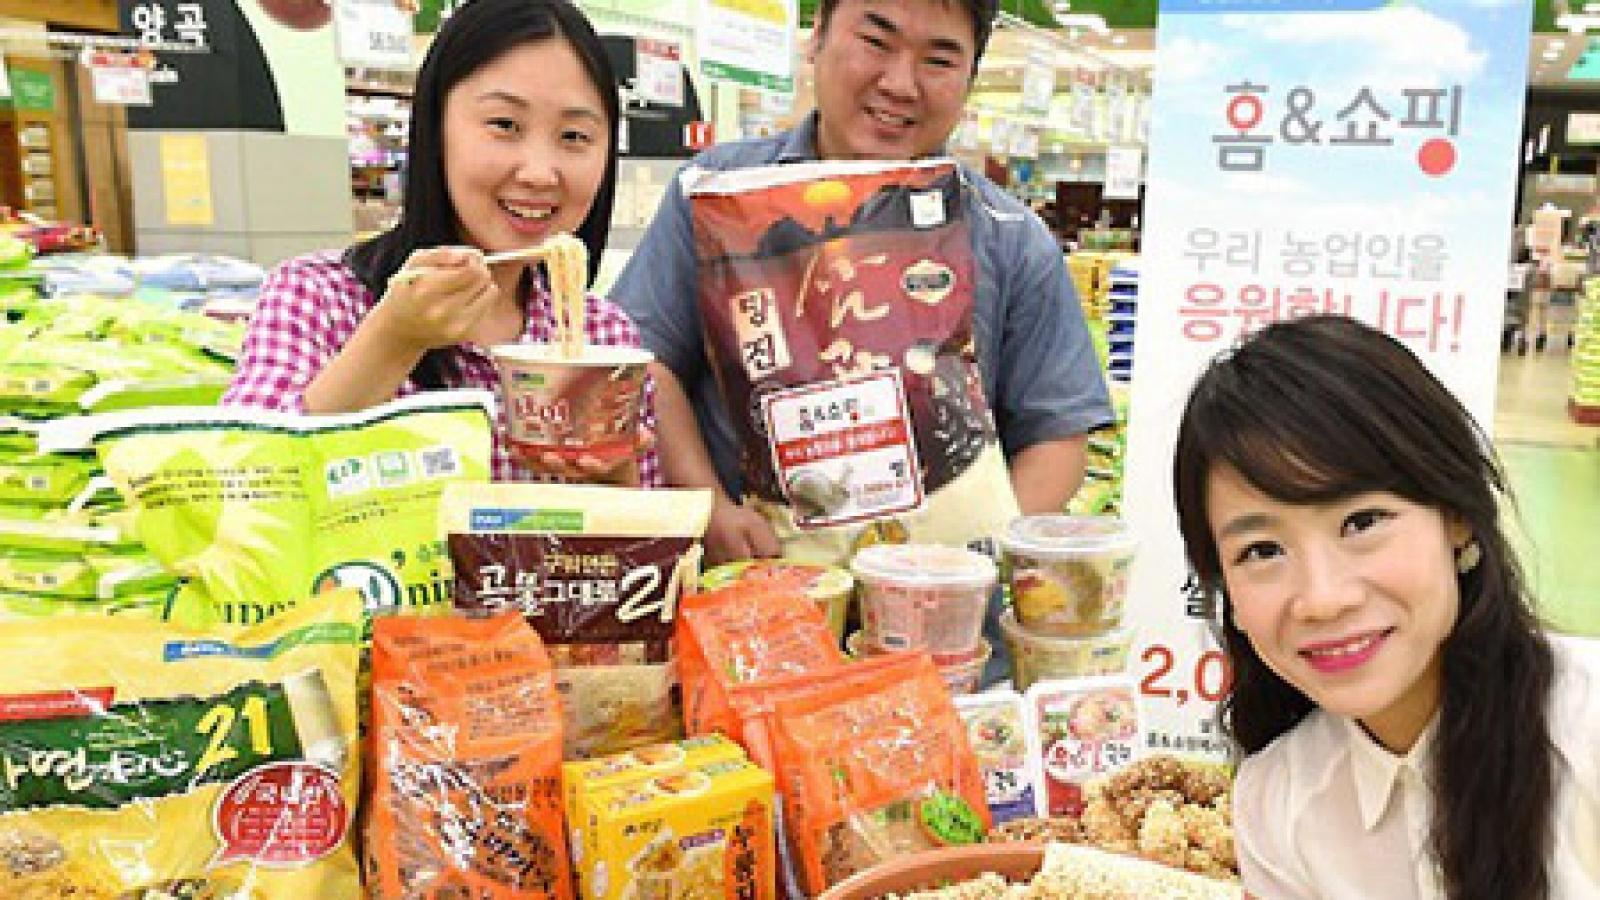 Xuất khẩu sản phẩm chế biến từ gạo của Hàn Quốc năm 2020 tăng kỷ lục